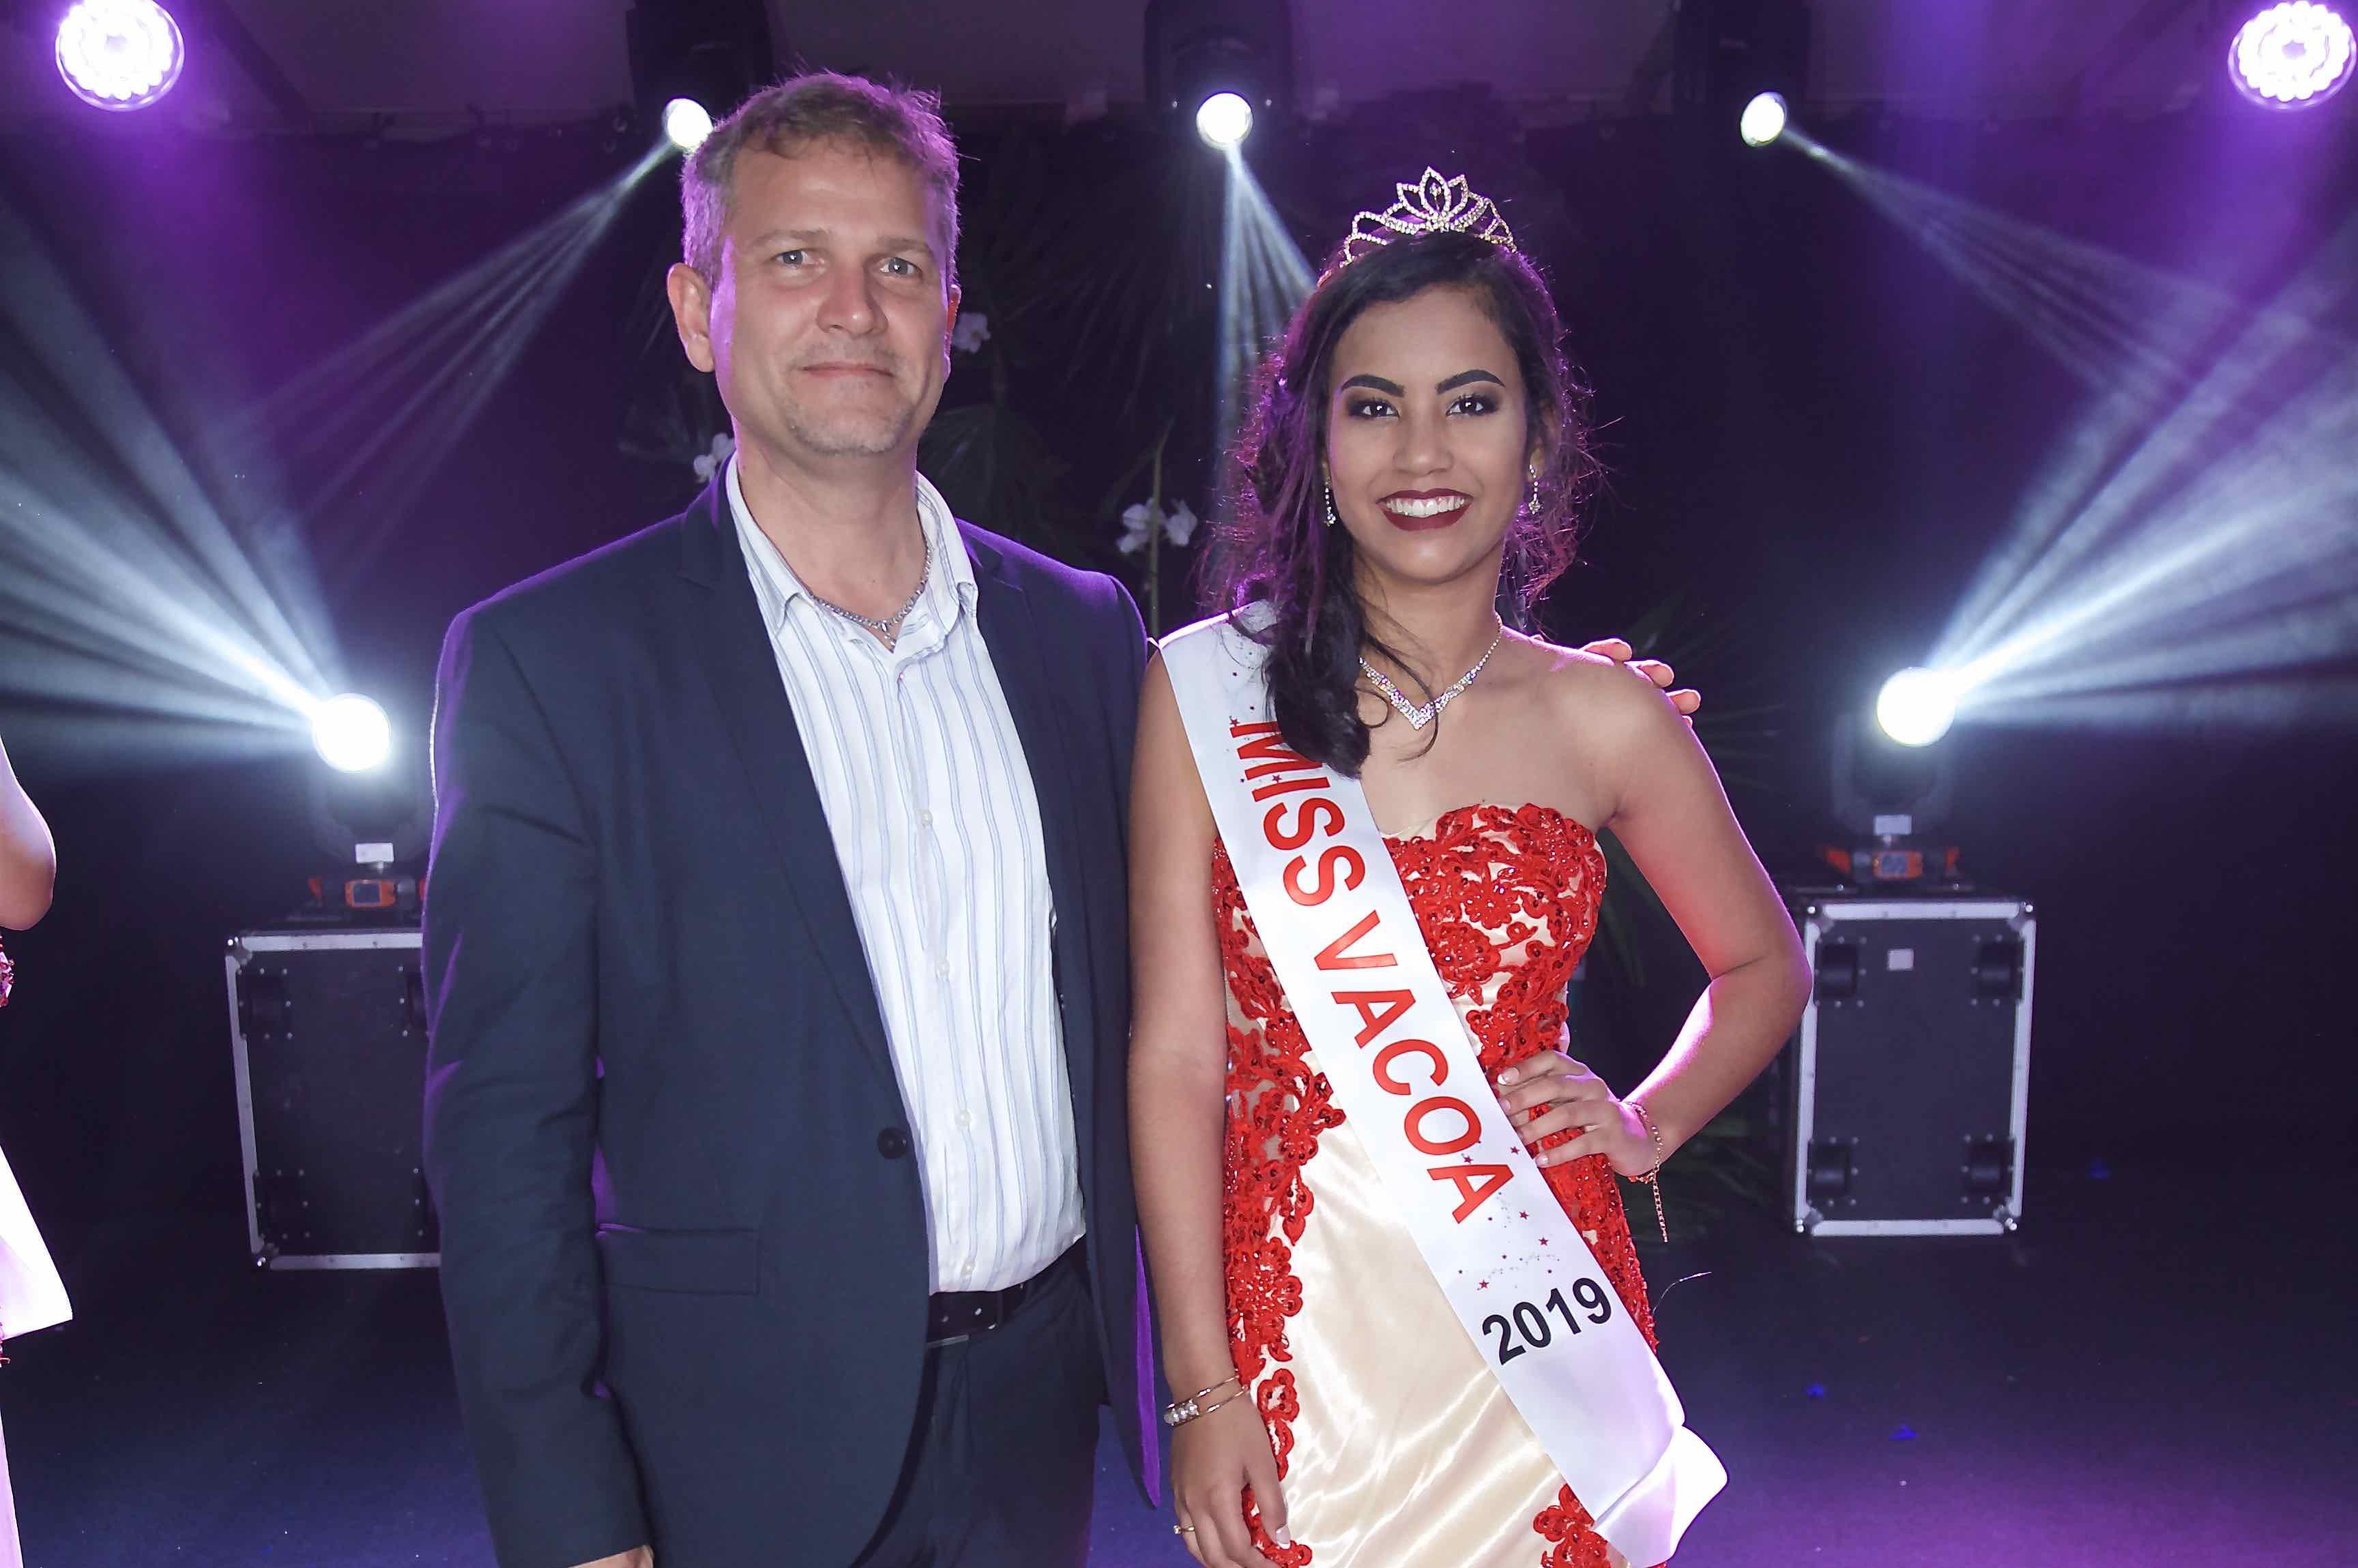 Olivier Rivière et Miss Vacoa 2019